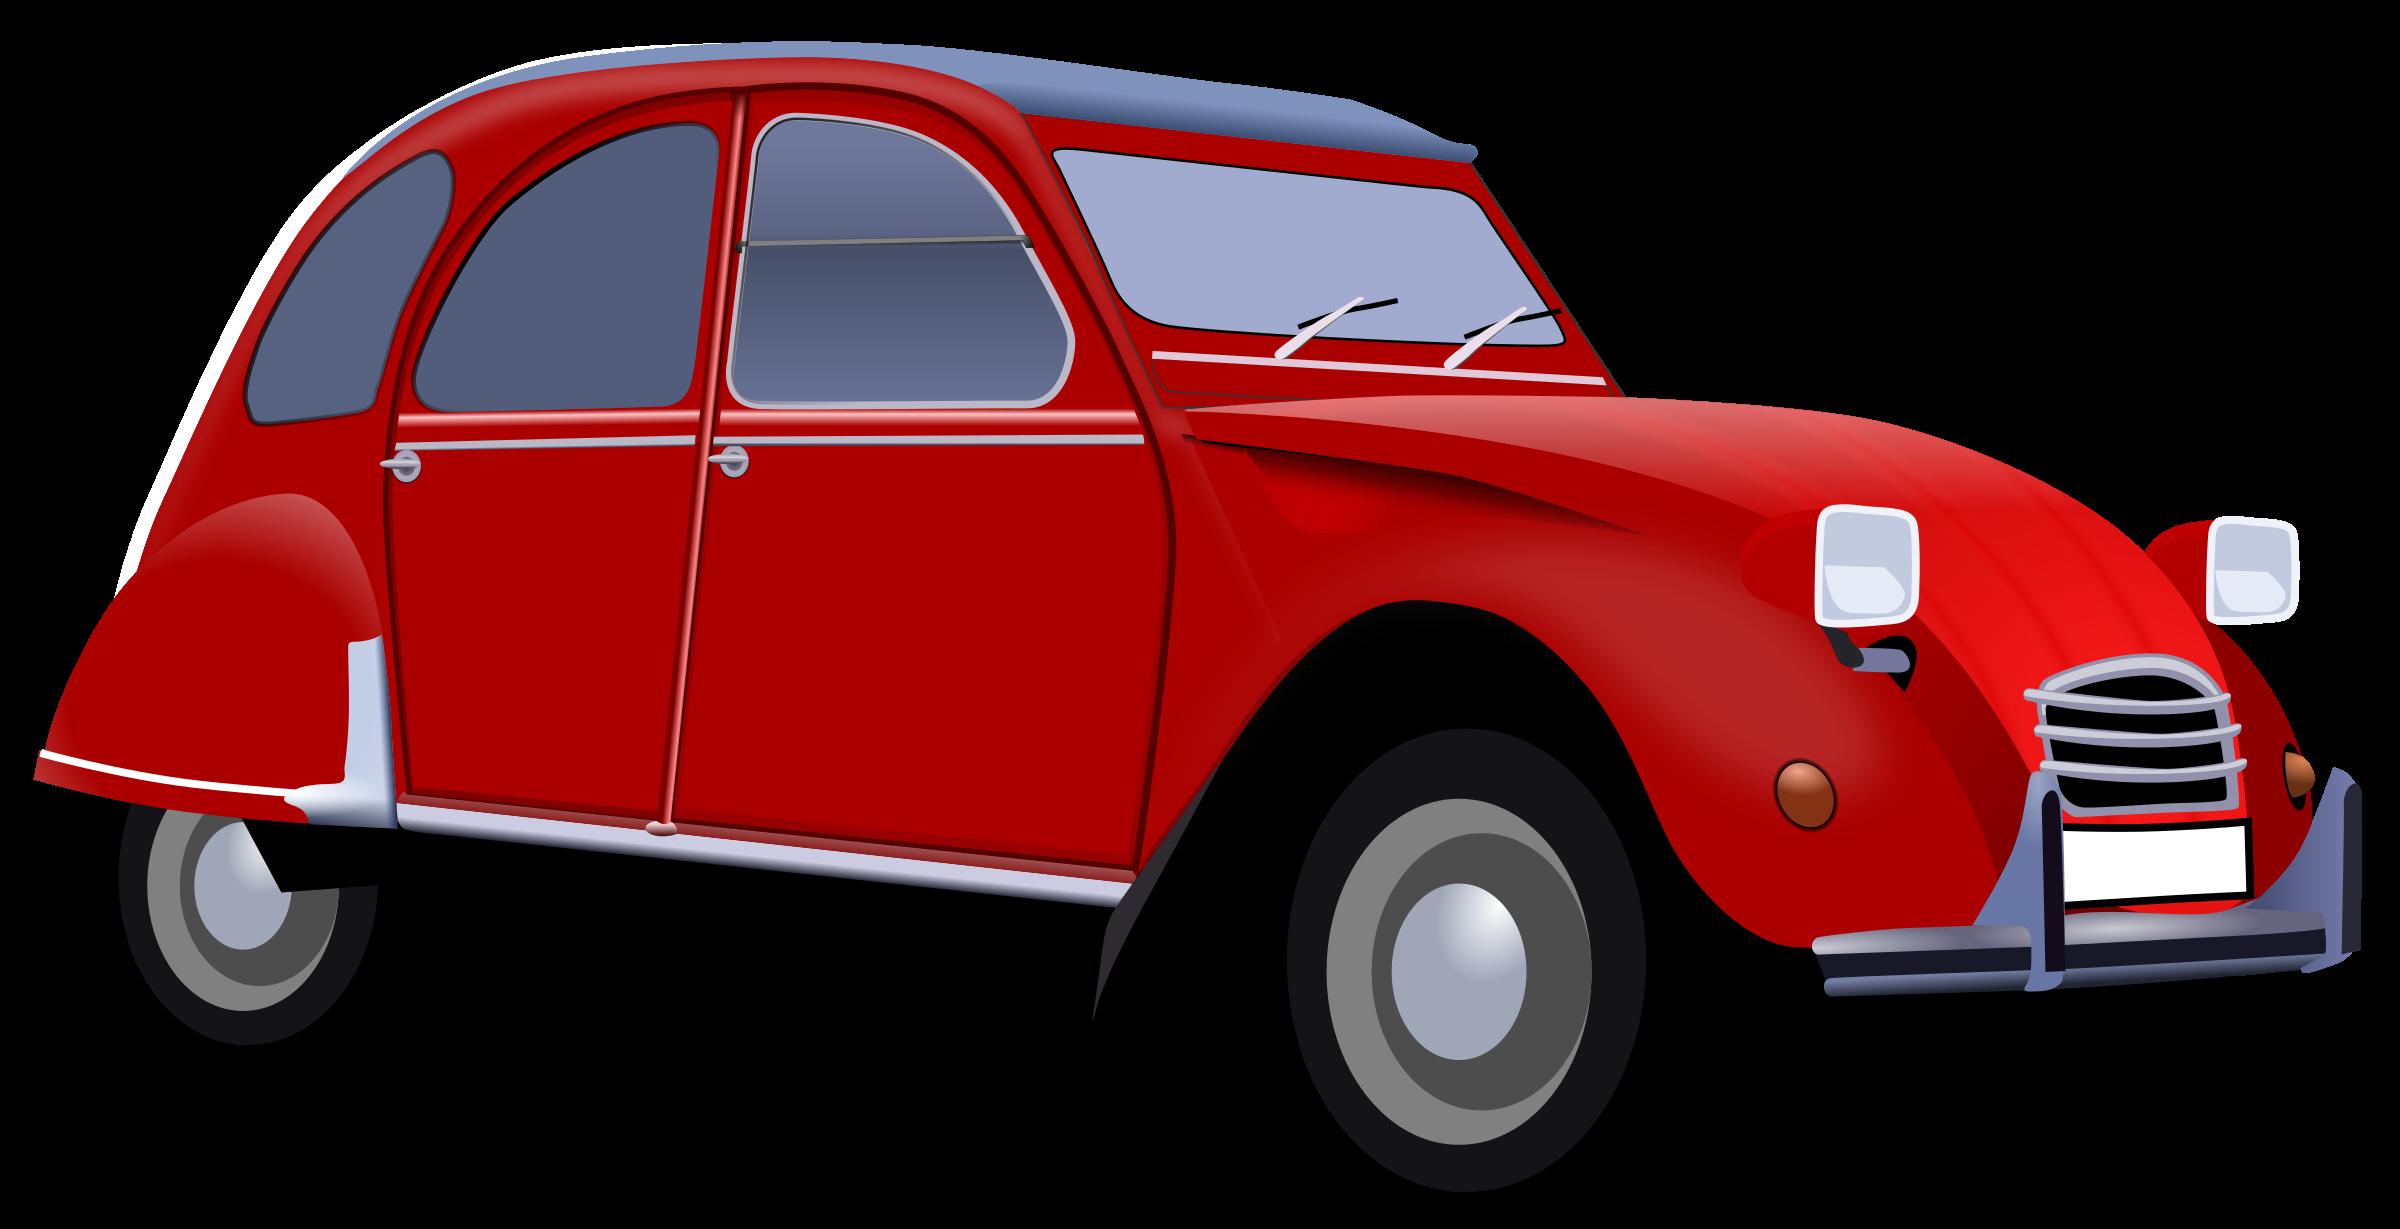 Clipart nice car jpg royalty free Clipart - 2cv4 Automobile Car jpg royalty free